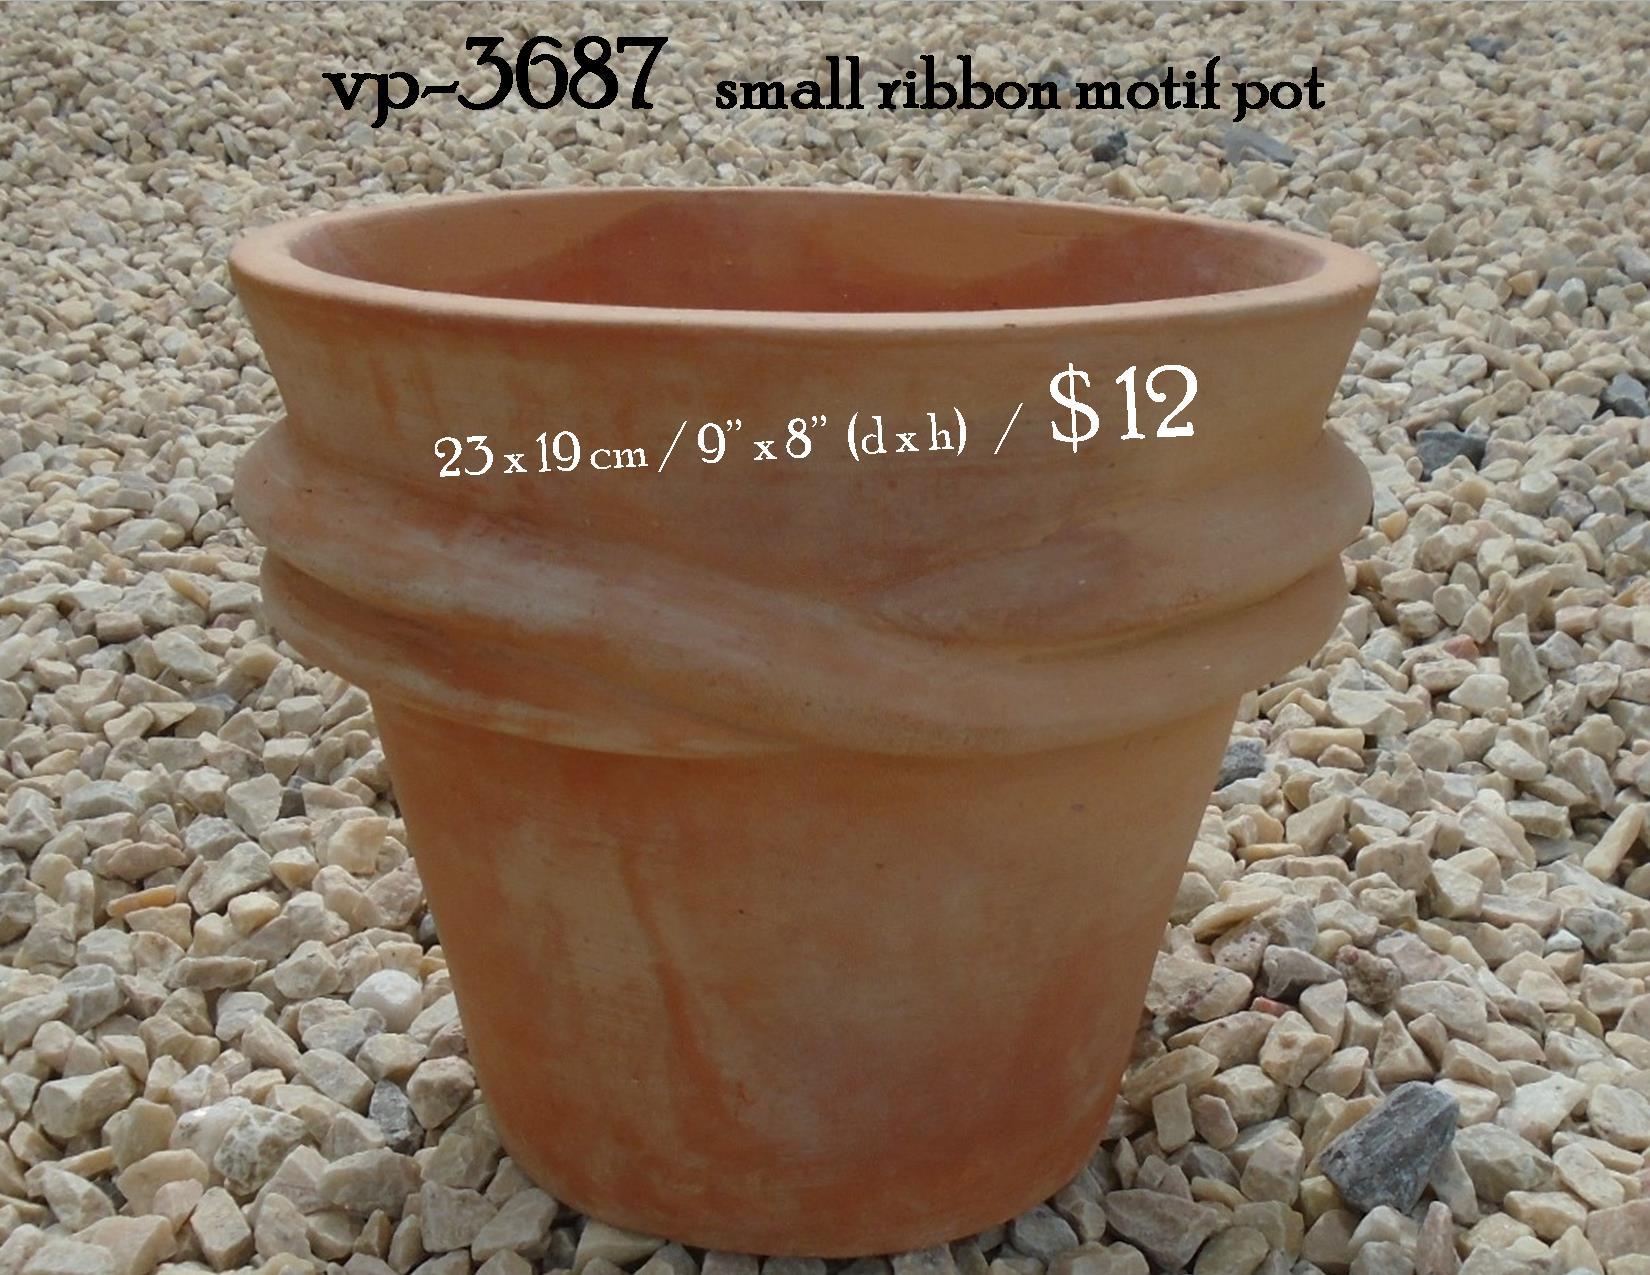 vp-3687   small ribbon motif pot